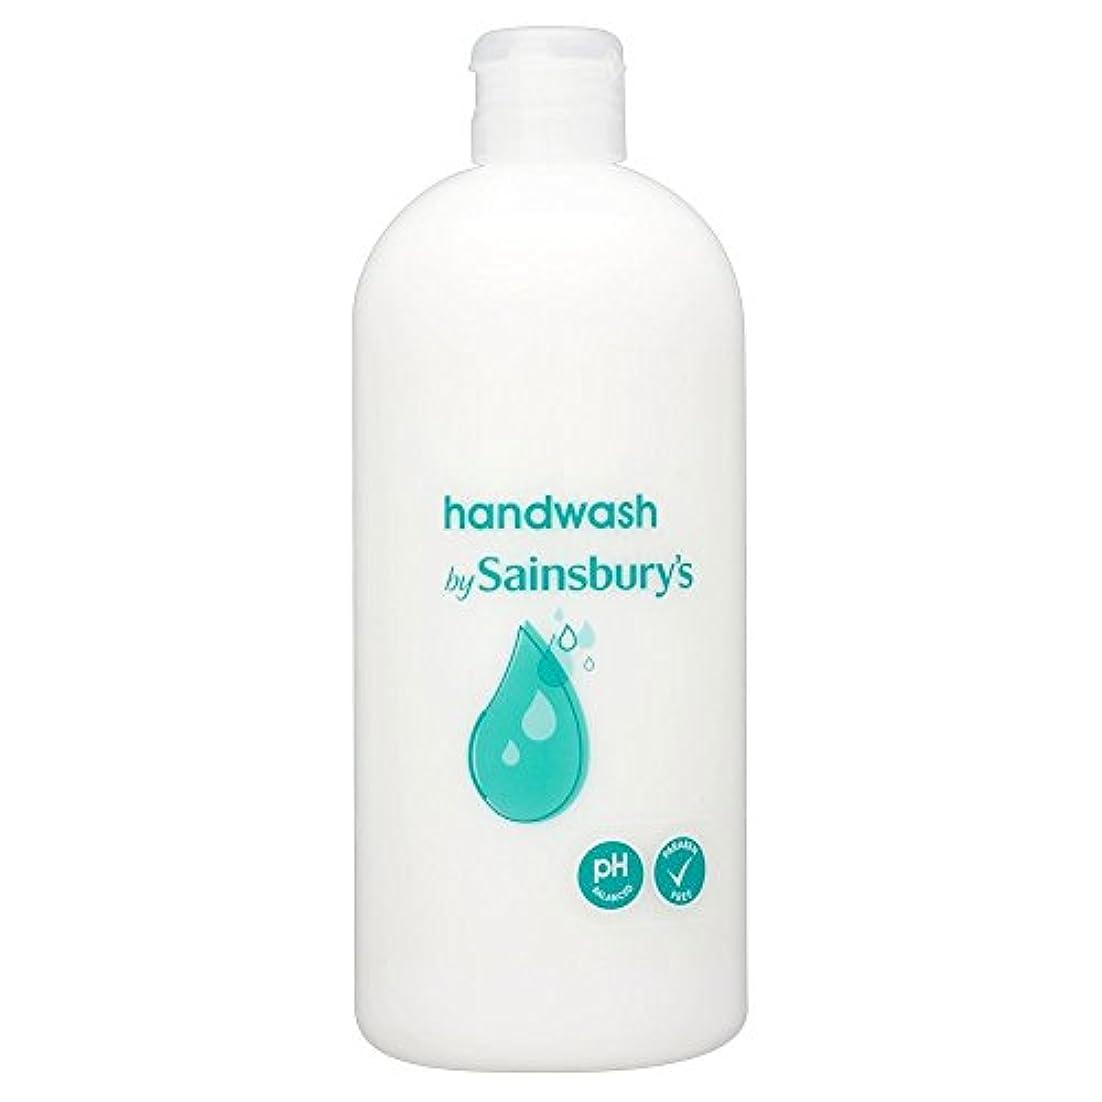 傭兵飾る広告主Sainsbury's Handwash, White Refill 500ml (Pack of 6) - (Sainsbury's) 手洗い、白リフィル500ミリリットル (x6) [並行輸入品]